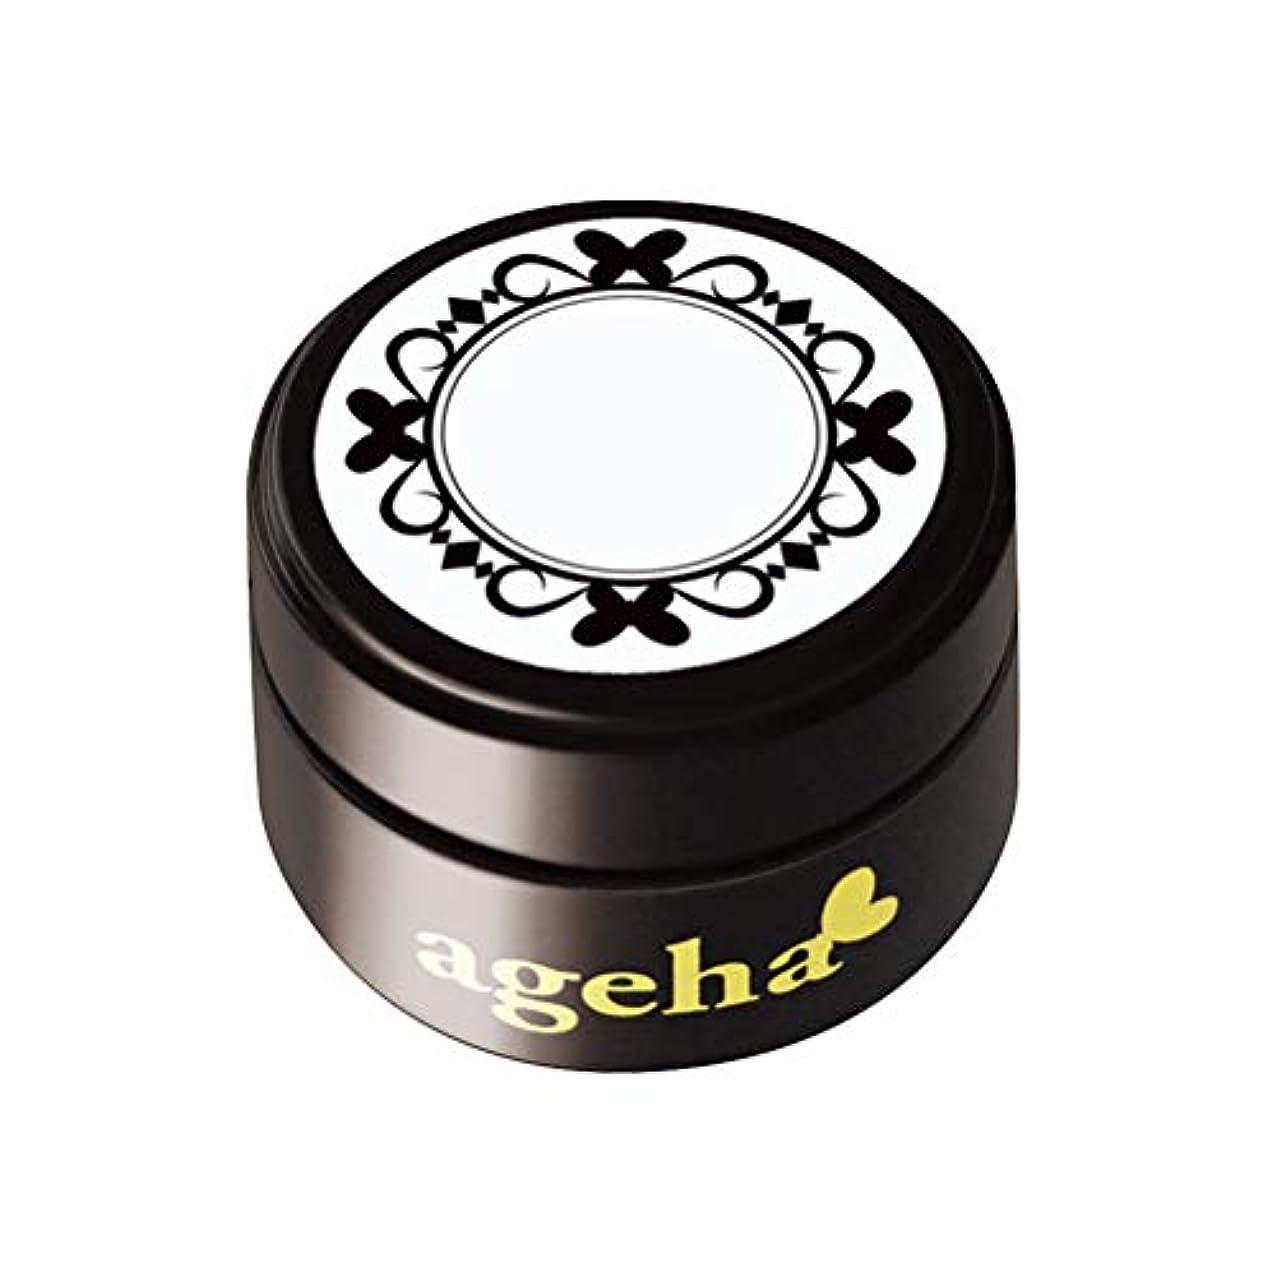 宝おそらくありそうageha コスメカラー 413 ラグジュエル エマ グリッター 2.7g UV/LED対応